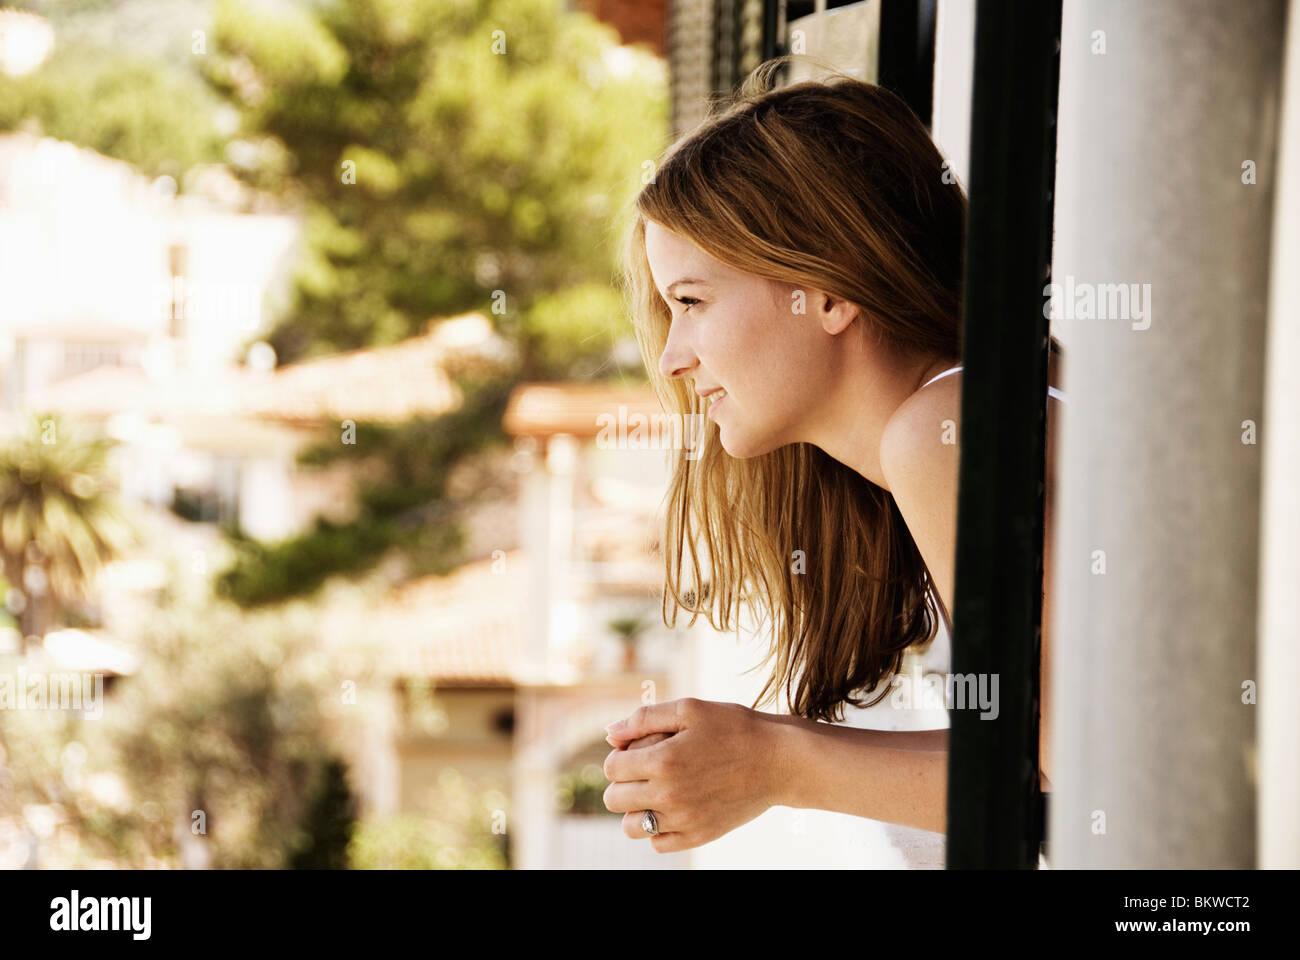 Mädchen im Fenster Stockbild